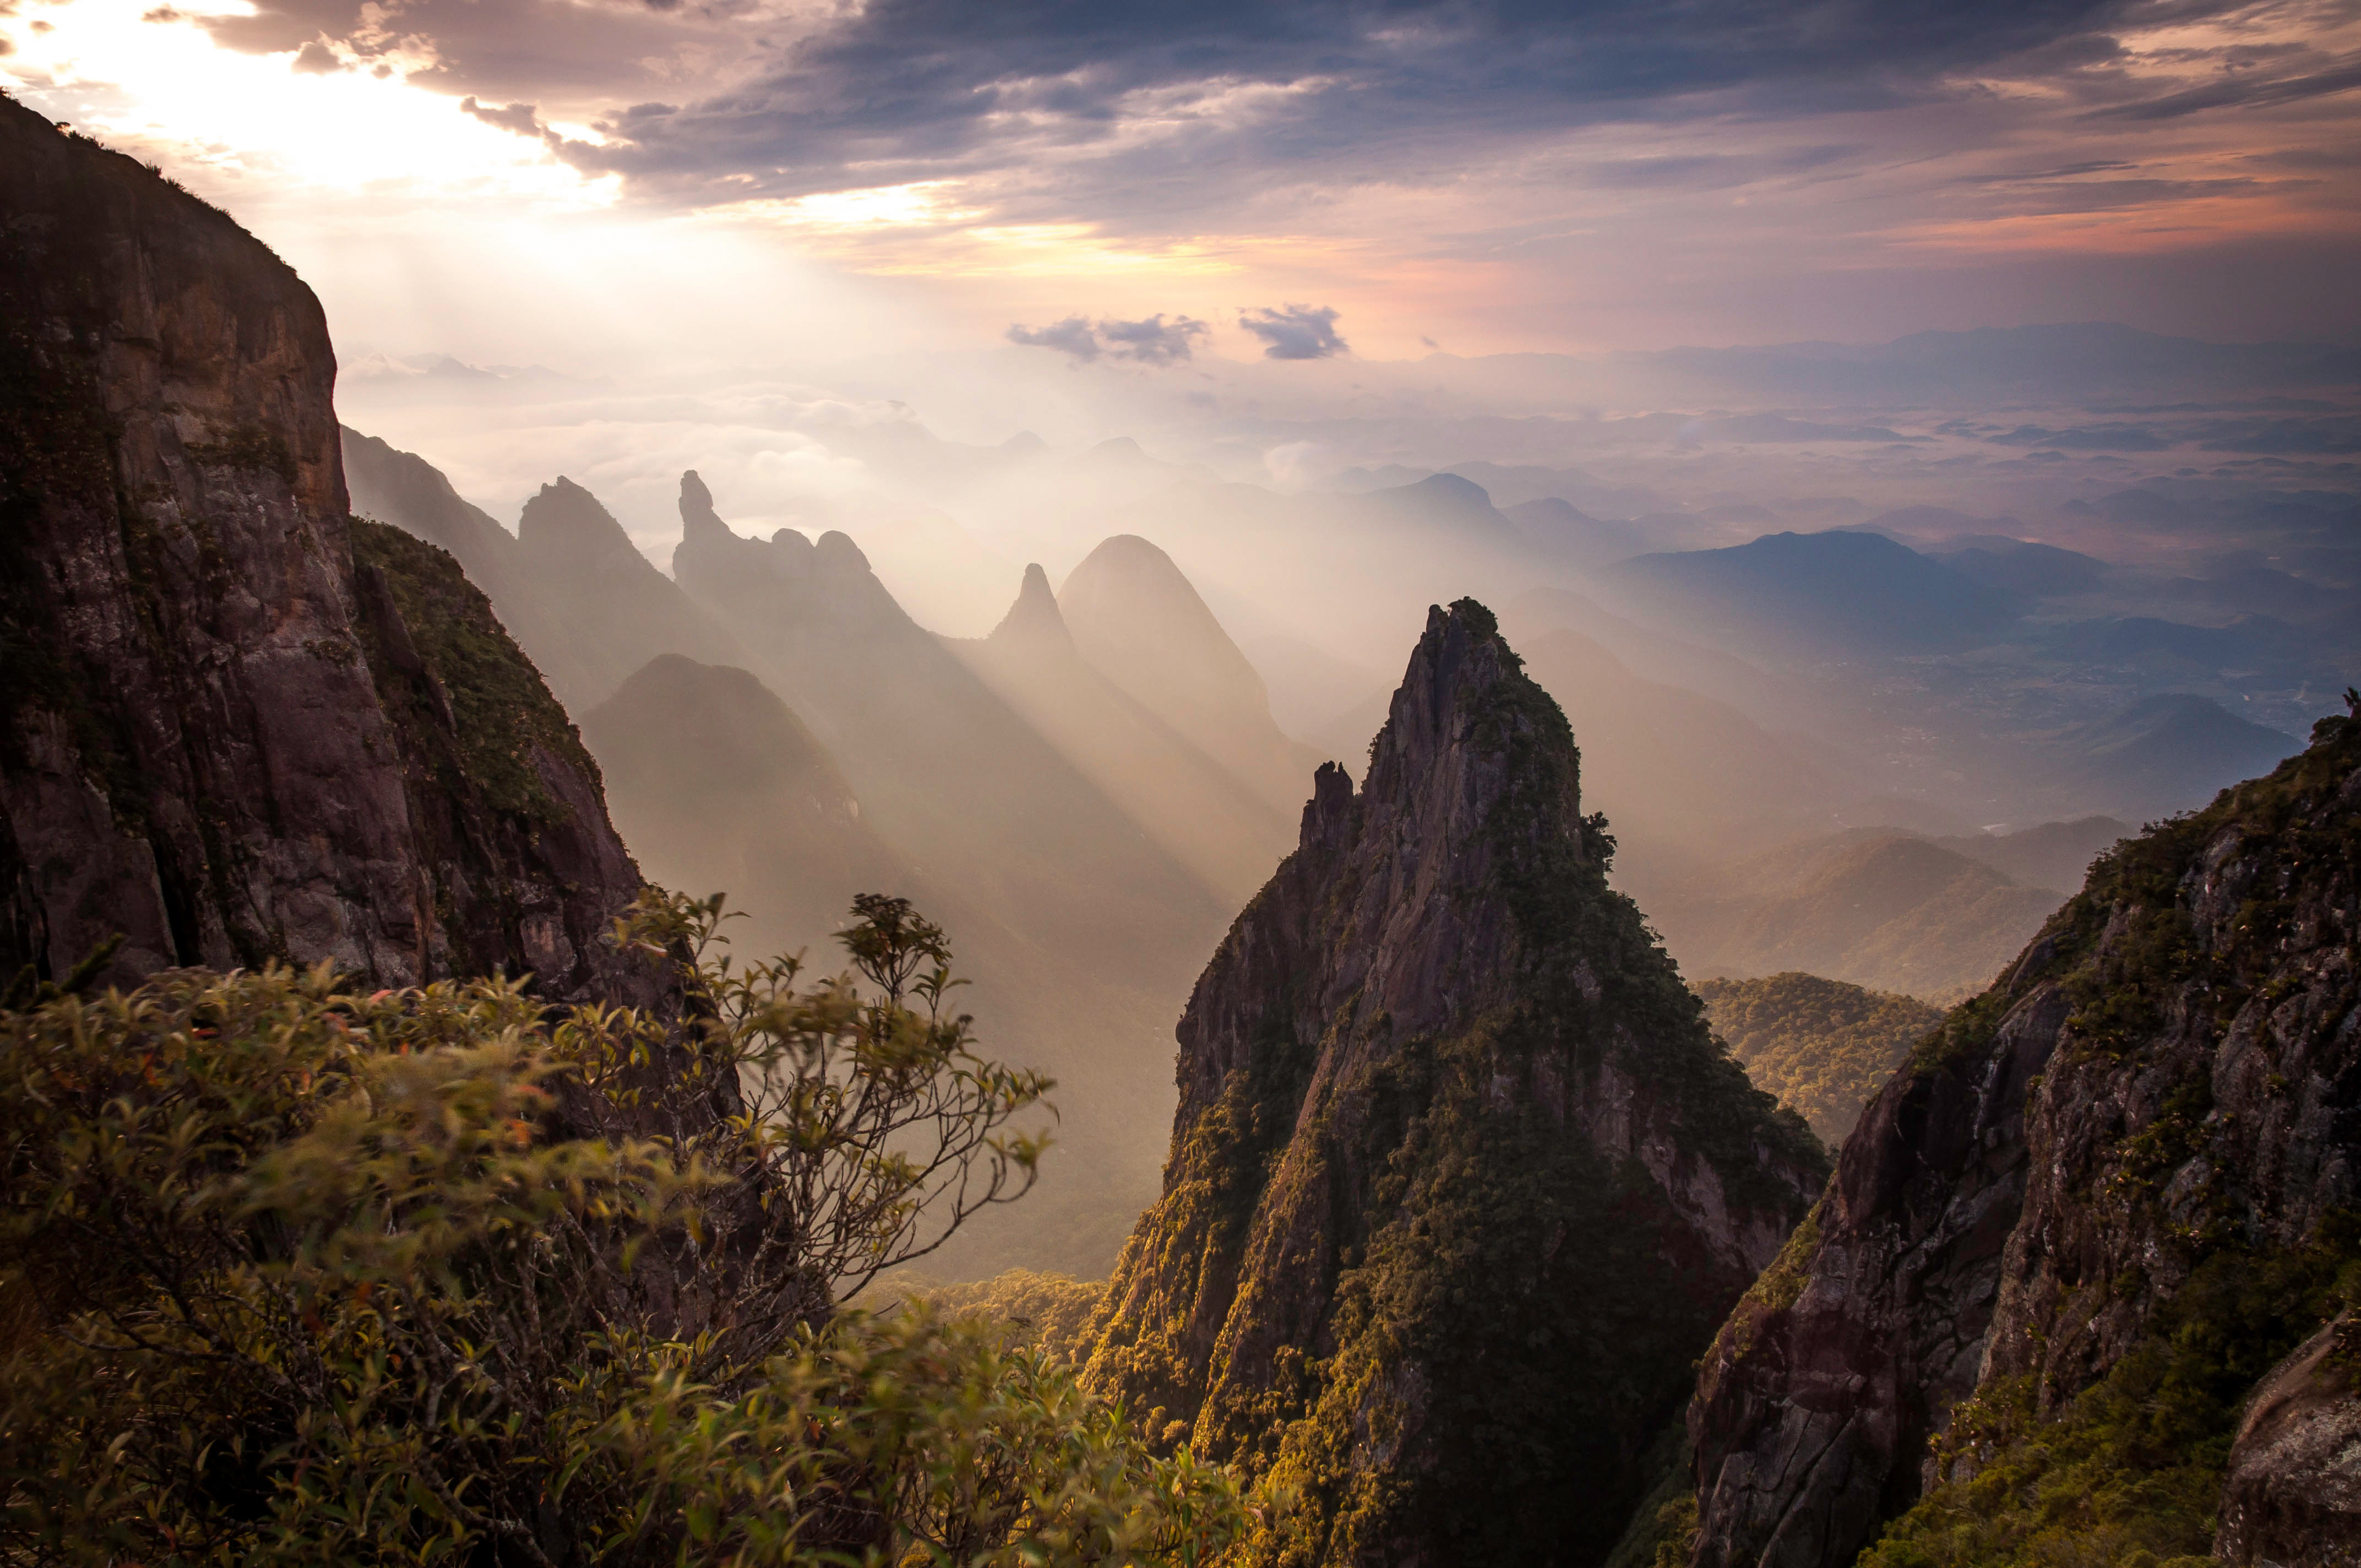 Formações rochosas e o pico Dedo de Deus ao fundo, no Parque Nacional da Serra dos Órgãos, Estado do Rio de Janeiro, Brasil